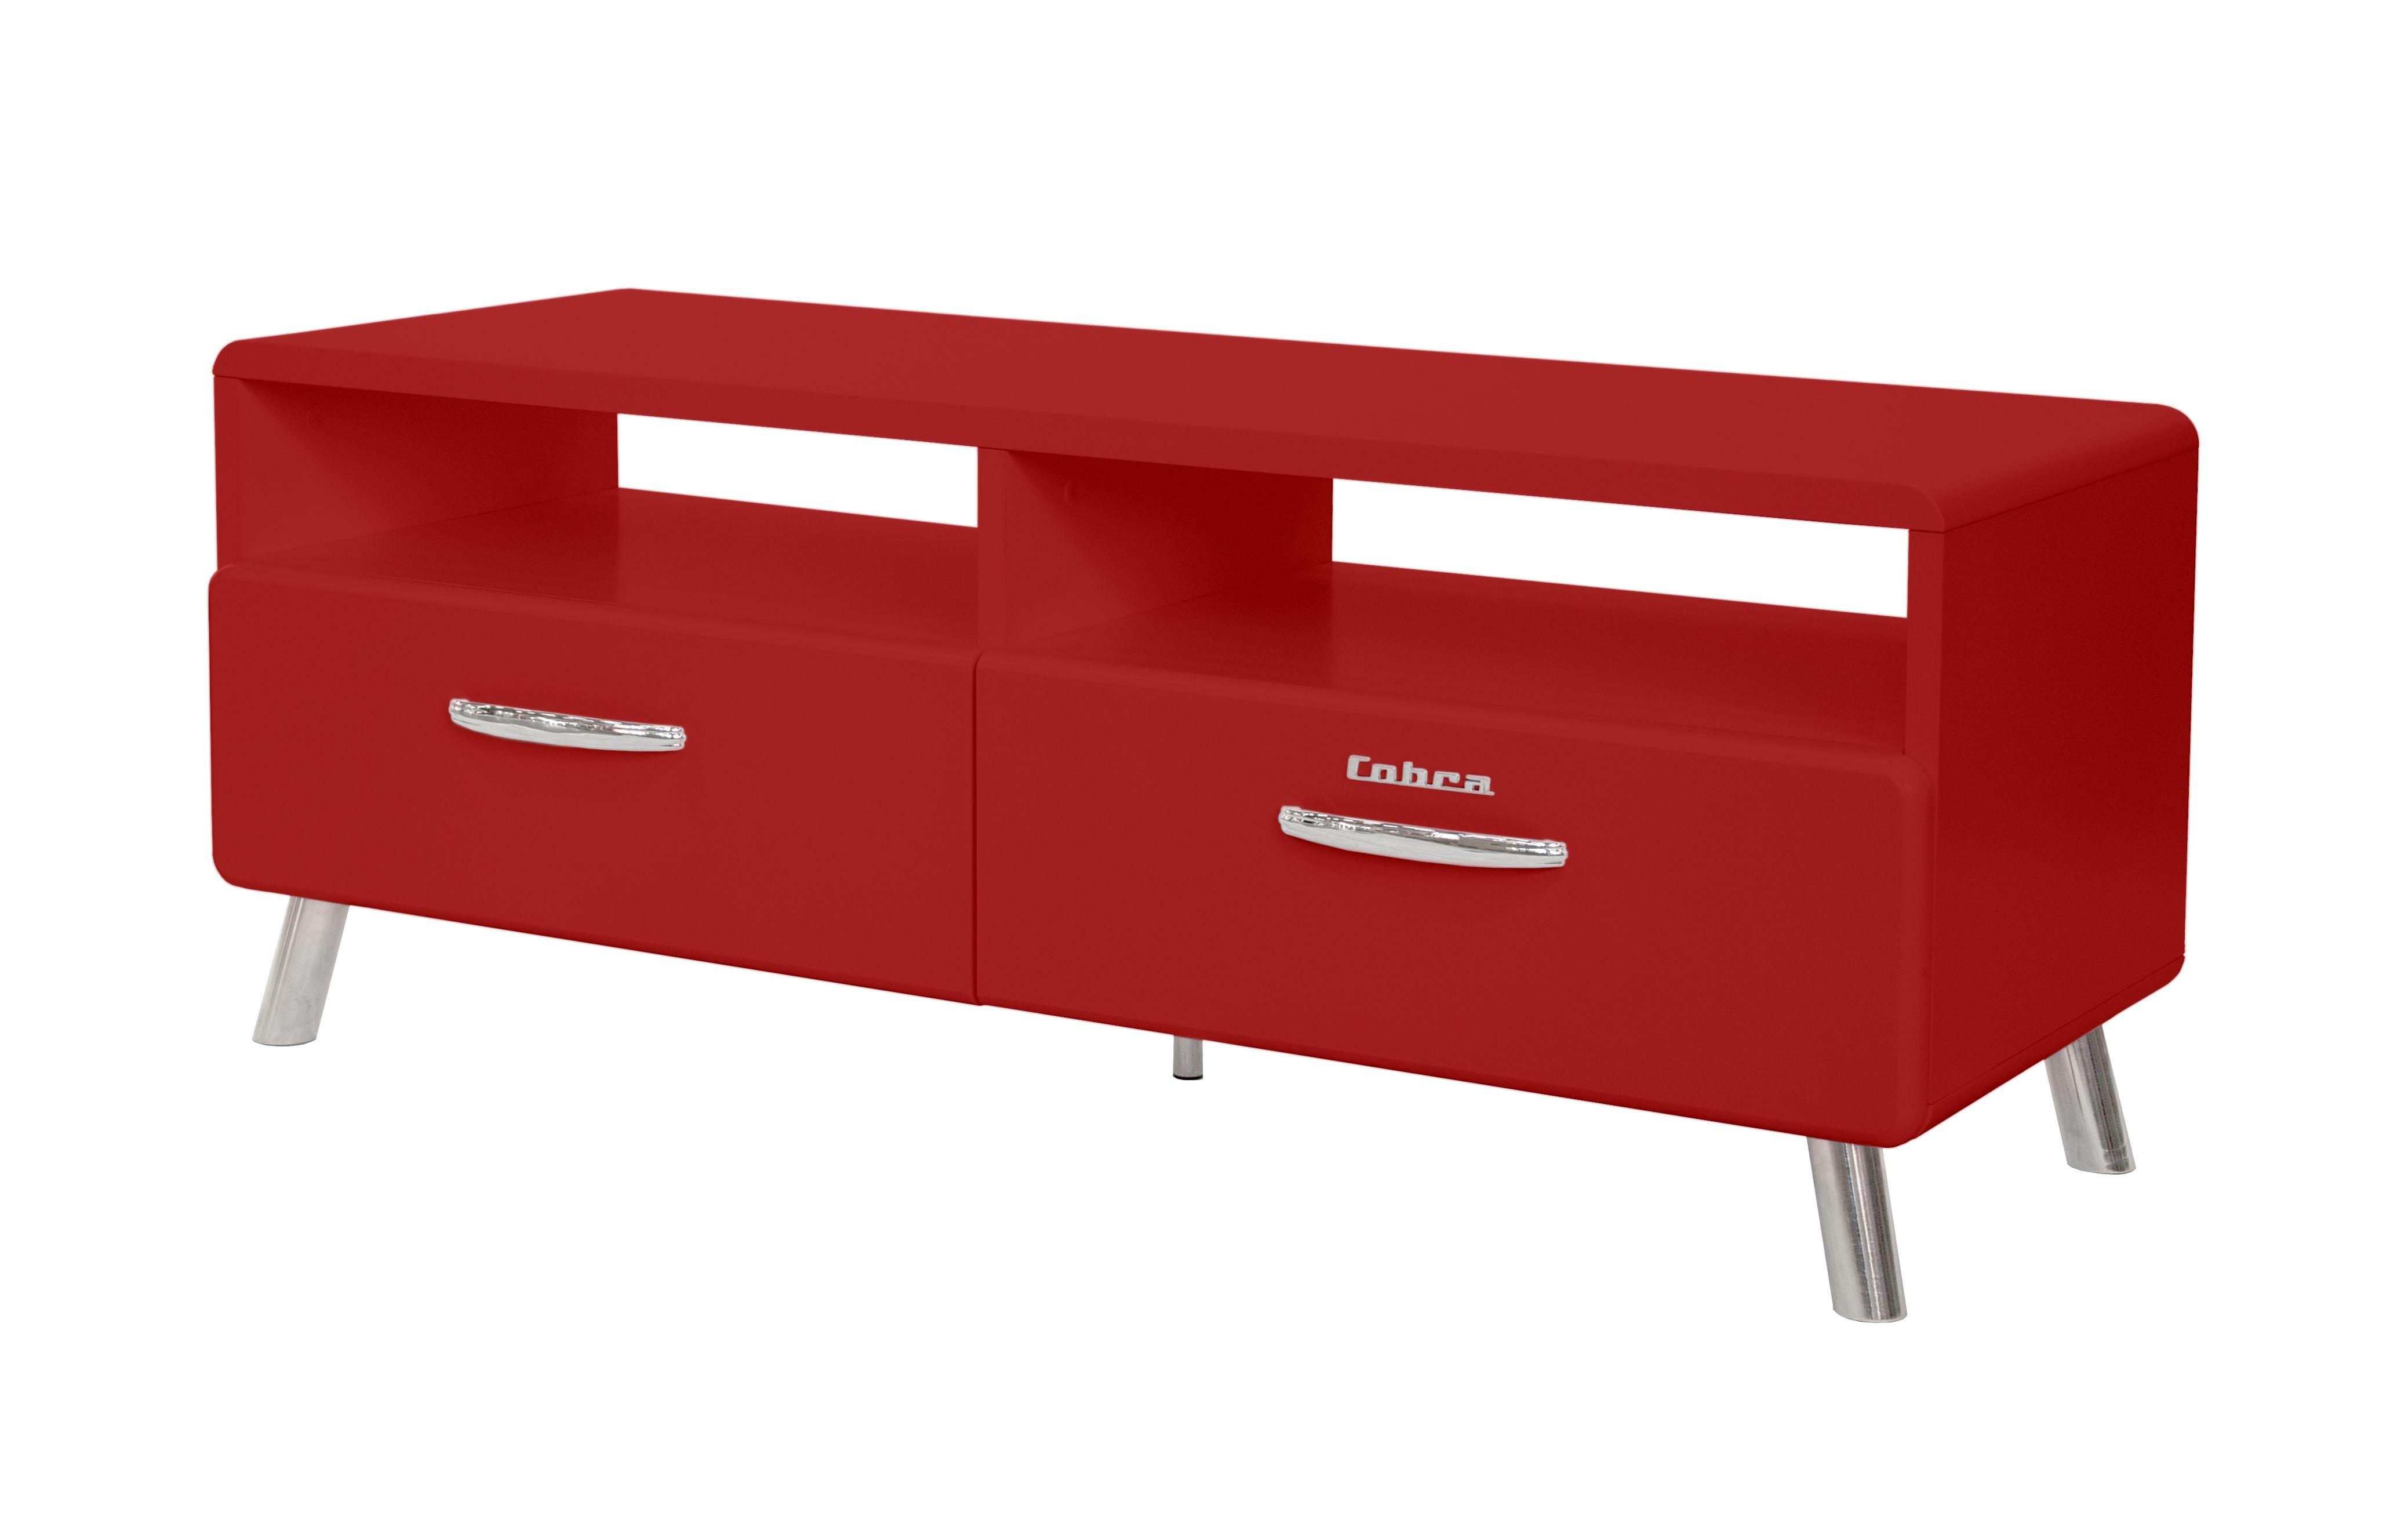 Tv Meubel Rood : Houtvision sloophout maatwerk meubelen plato rood gebruikt hout